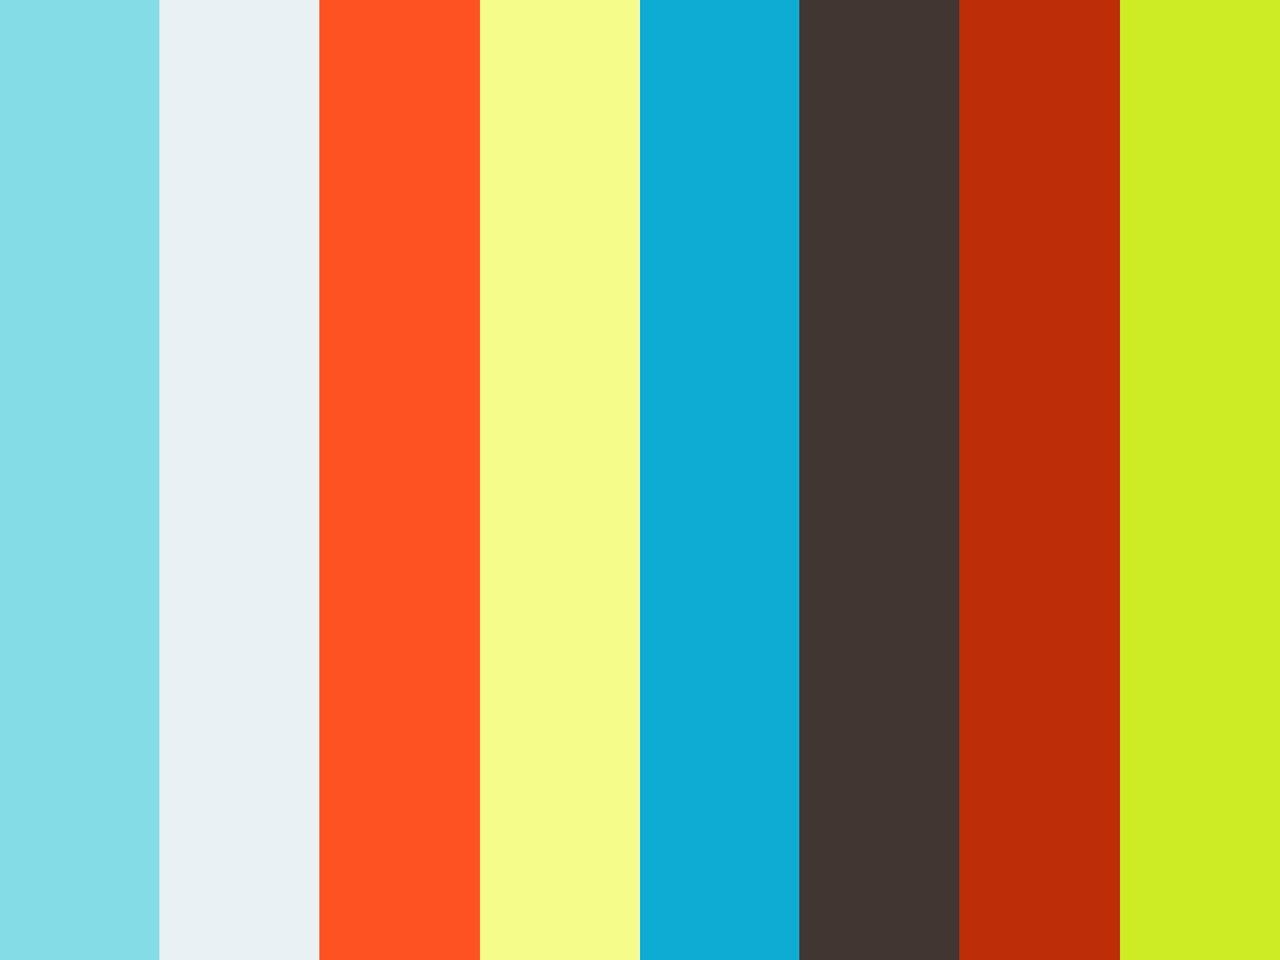 Creo 4.0 - Subrutinok támogatása a mintázat felhasználói felületen